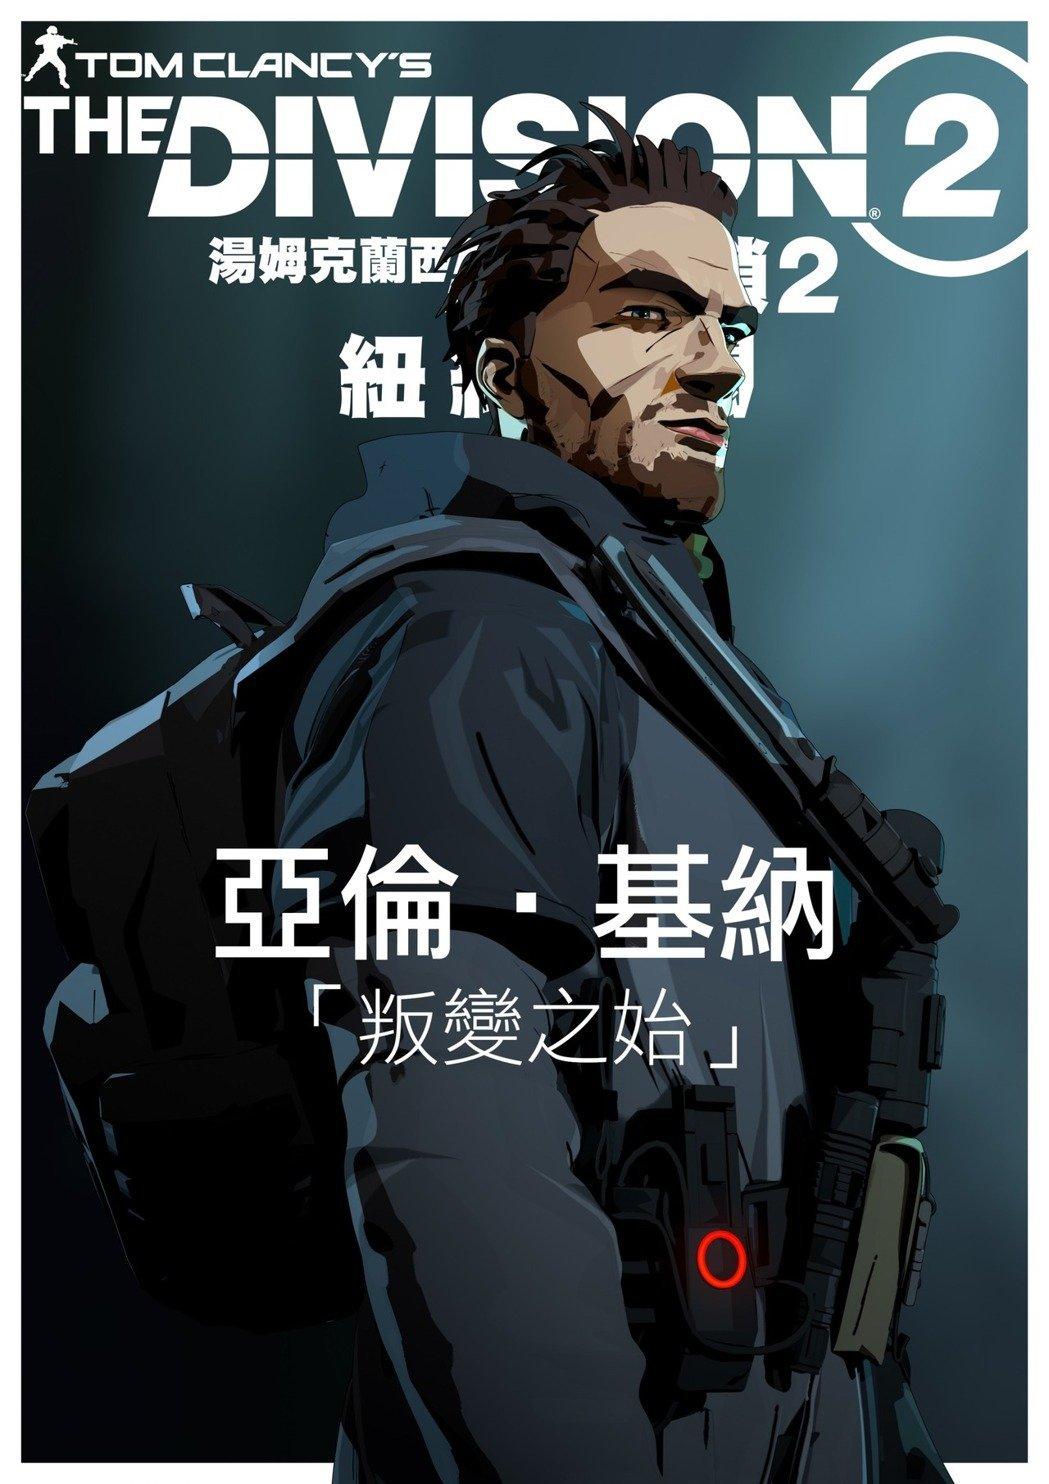 育碧游戏《全境封锁2》免费玩!发布全新资料片的宣传视频!-四斋社